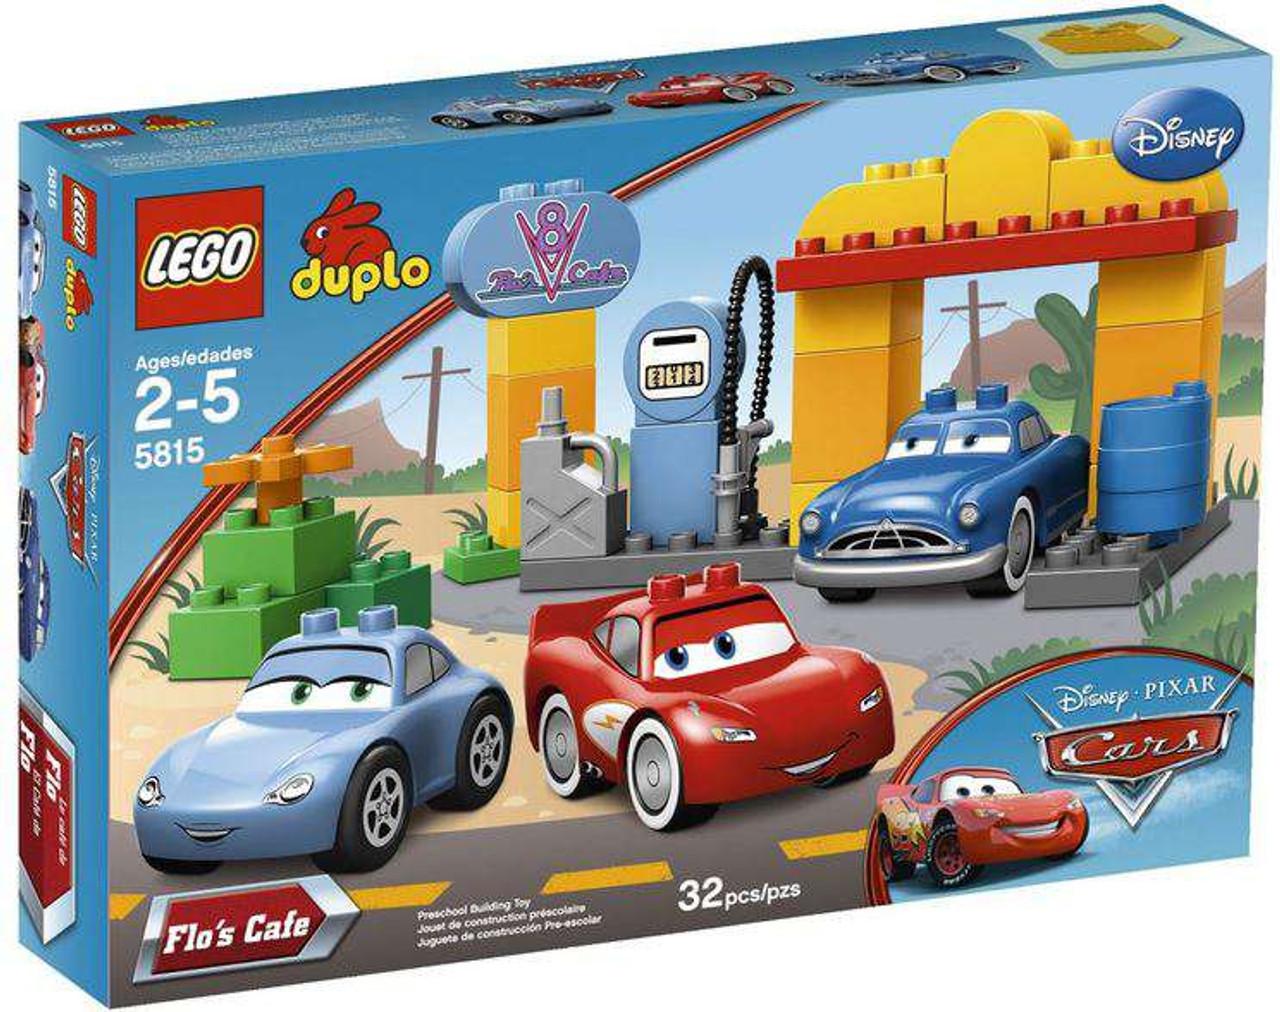 LEGO Disney Cars Duplo Cars Flos Cafe Set 5815 - ToyWiz